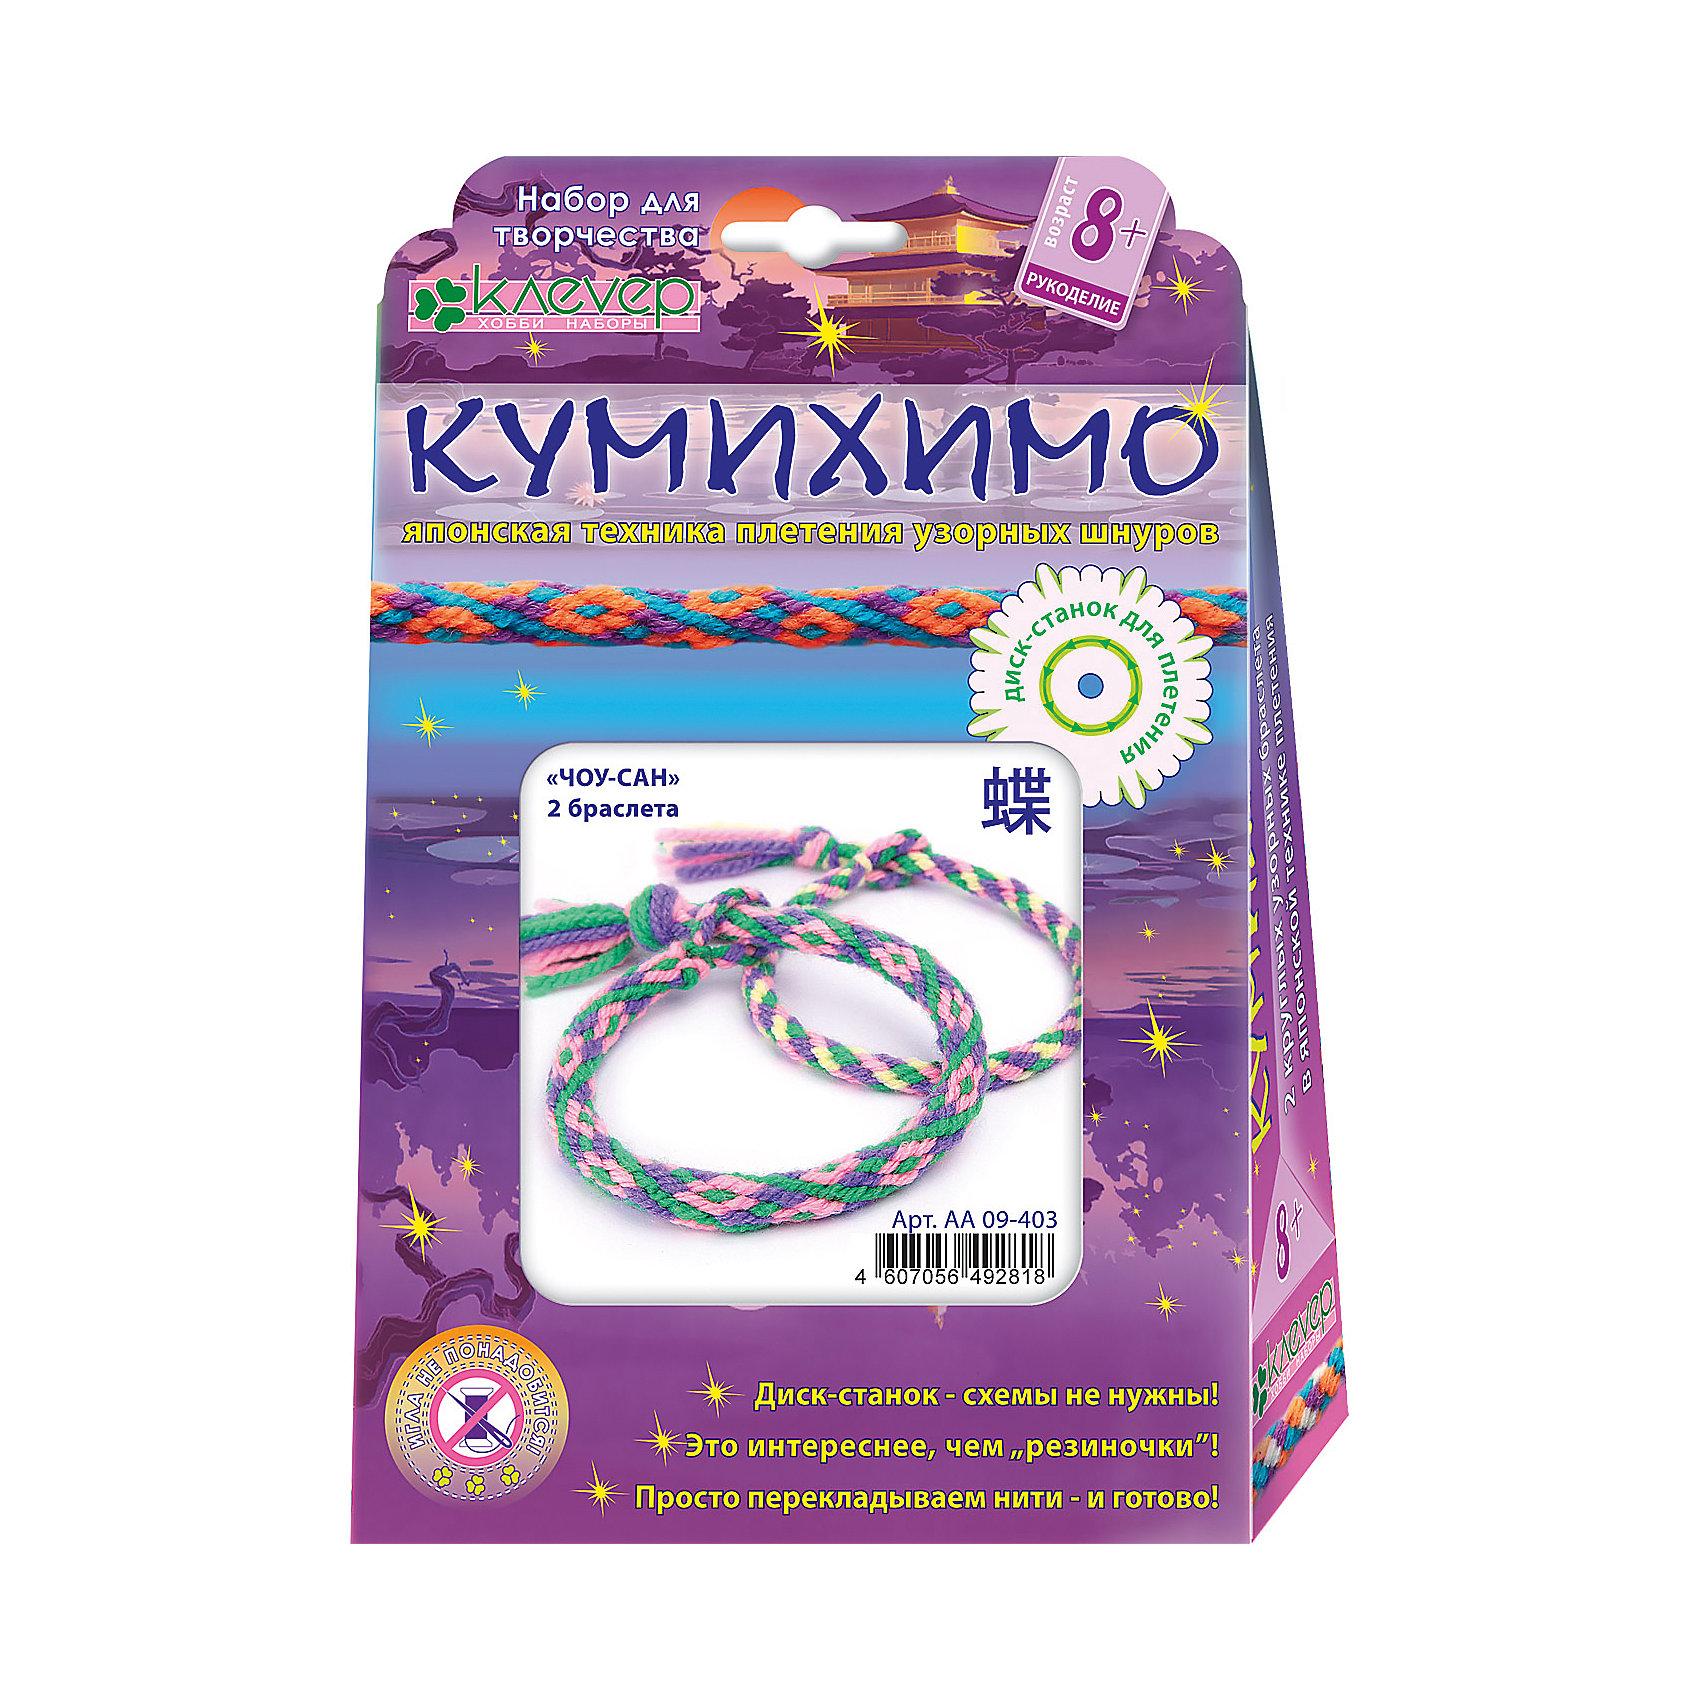 Набор для изготовления двух браслетов Кумихимо Чоу-Сан, пряжаНаборы для создания украшений<br>Характеристики:<br><br>• Коллекция: кумихимо<br>• Тематика: аксессуары<br>• Уровень сложности: средний<br>• Материал: акриловая пряжа, бумага, картон<br>• Комплектация: набор акриловой пряжи для плетения двух браслетов, диск для плетения, инструкция<br>• Диаметры готовых браслетов: 8,0 см и 7,5 см<br>• Размеры (Д*Ш*В): 14*21,6*34 см<br>• Вес: 42 г <br>• Упаковка: картонная коробка<br><br>Набор для изготовления двух браслетов Кумихимо Чоу-Сан, пряжа состоит из всех необходимых материалов для плетения двух браслетов-фенечек в японской технике – кумихимо. Эта техника плетения характеризуется созданием объемного шнура с узором, выполненным из разноцветных ниток. <br><br>Набор для изготовления двух браслетов Кумихимо Чоу-Сан, пряжа можно купить в нашем интернет-магазине.<br><br>Ширина мм: 140<br>Глубина мм: 216<br>Высота мм: 340<br>Вес г: 42<br>Возраст от месяцев: 60<br>Возраст до месяцев: 144<br>Пол: Женский<br>Возраст: Детский<br>SKU: 5541482